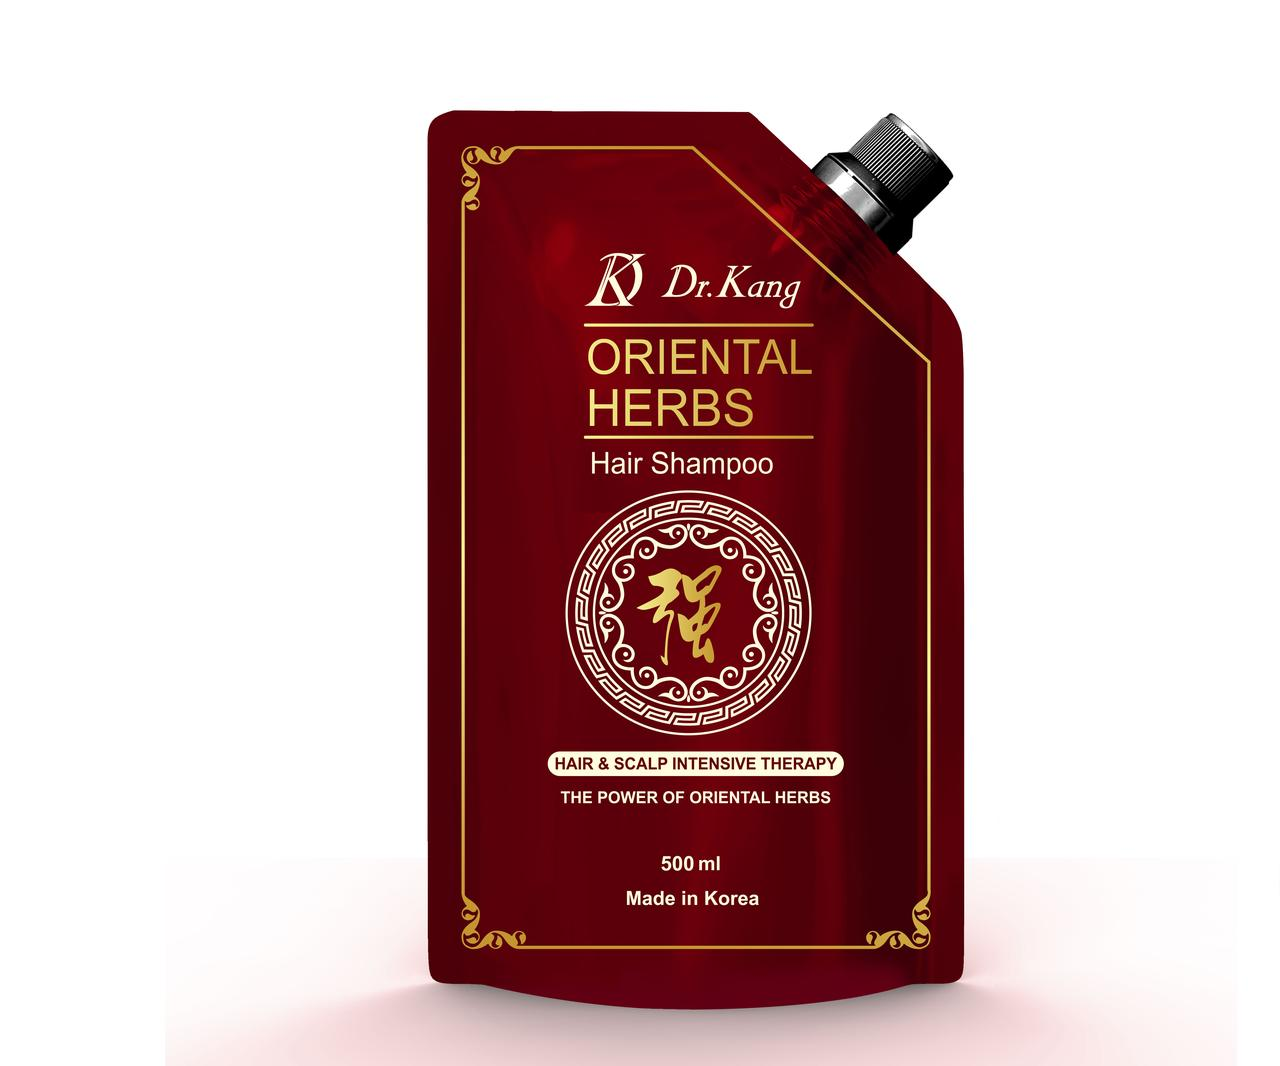 Dr.Kang Шампунь для оздоровления волос и кожи головы Oriental Herbs Hair Shampoo / 500 мл.